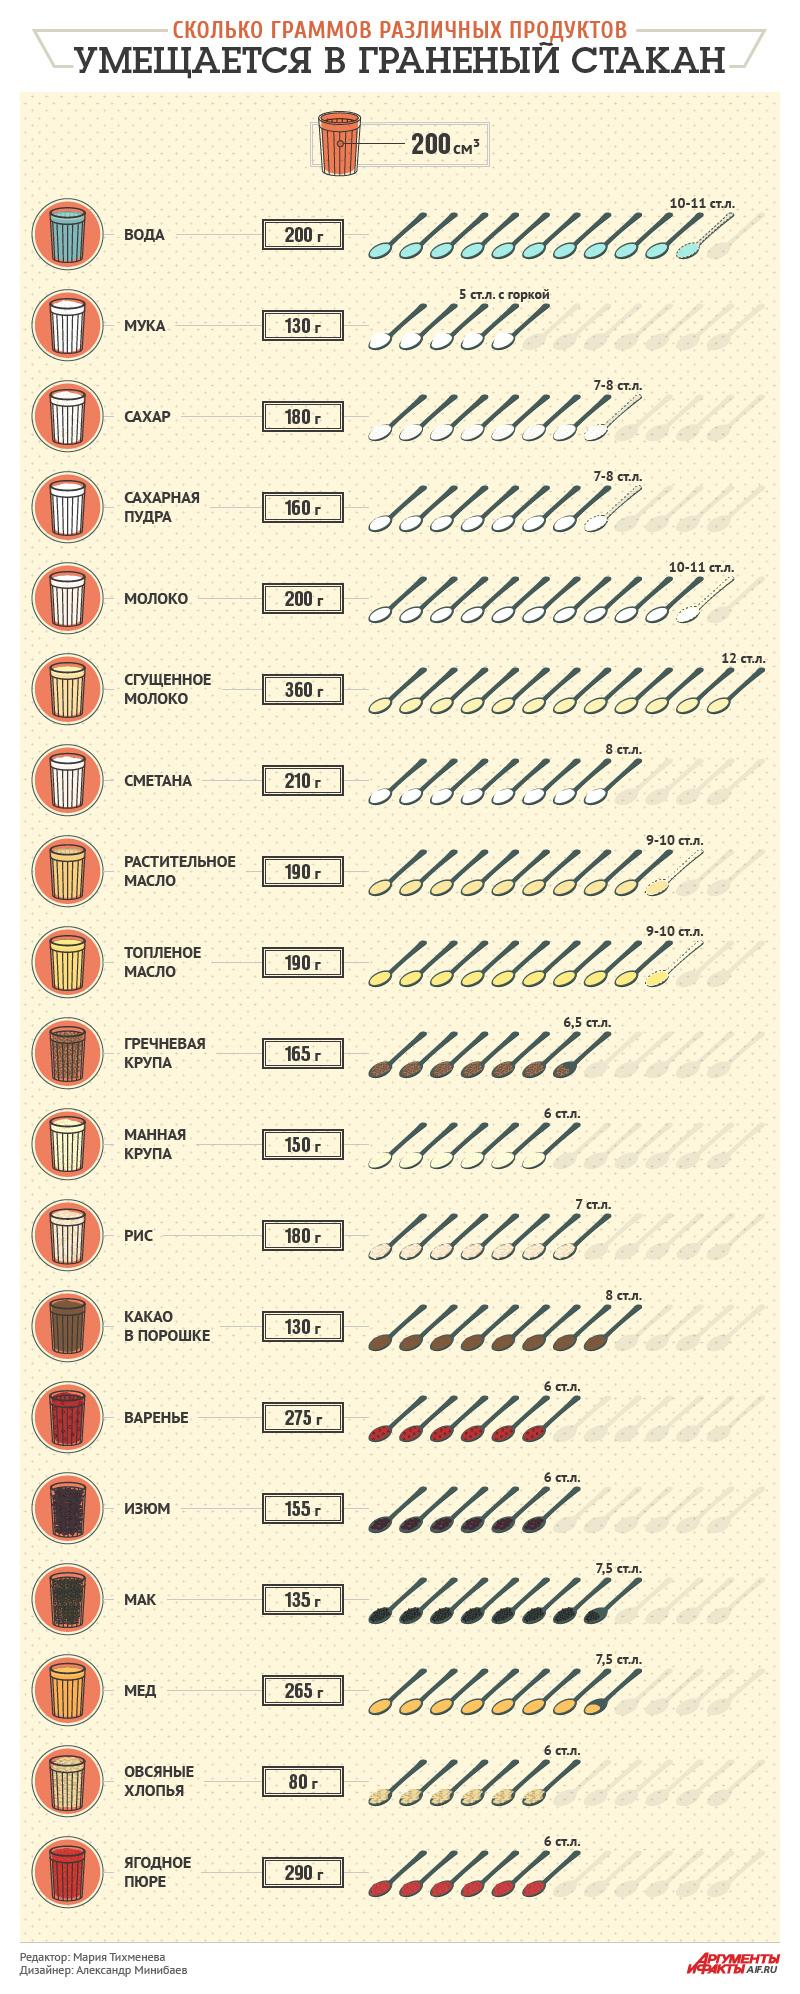 Сколько весит стакан конопли семена марихуаны для россии